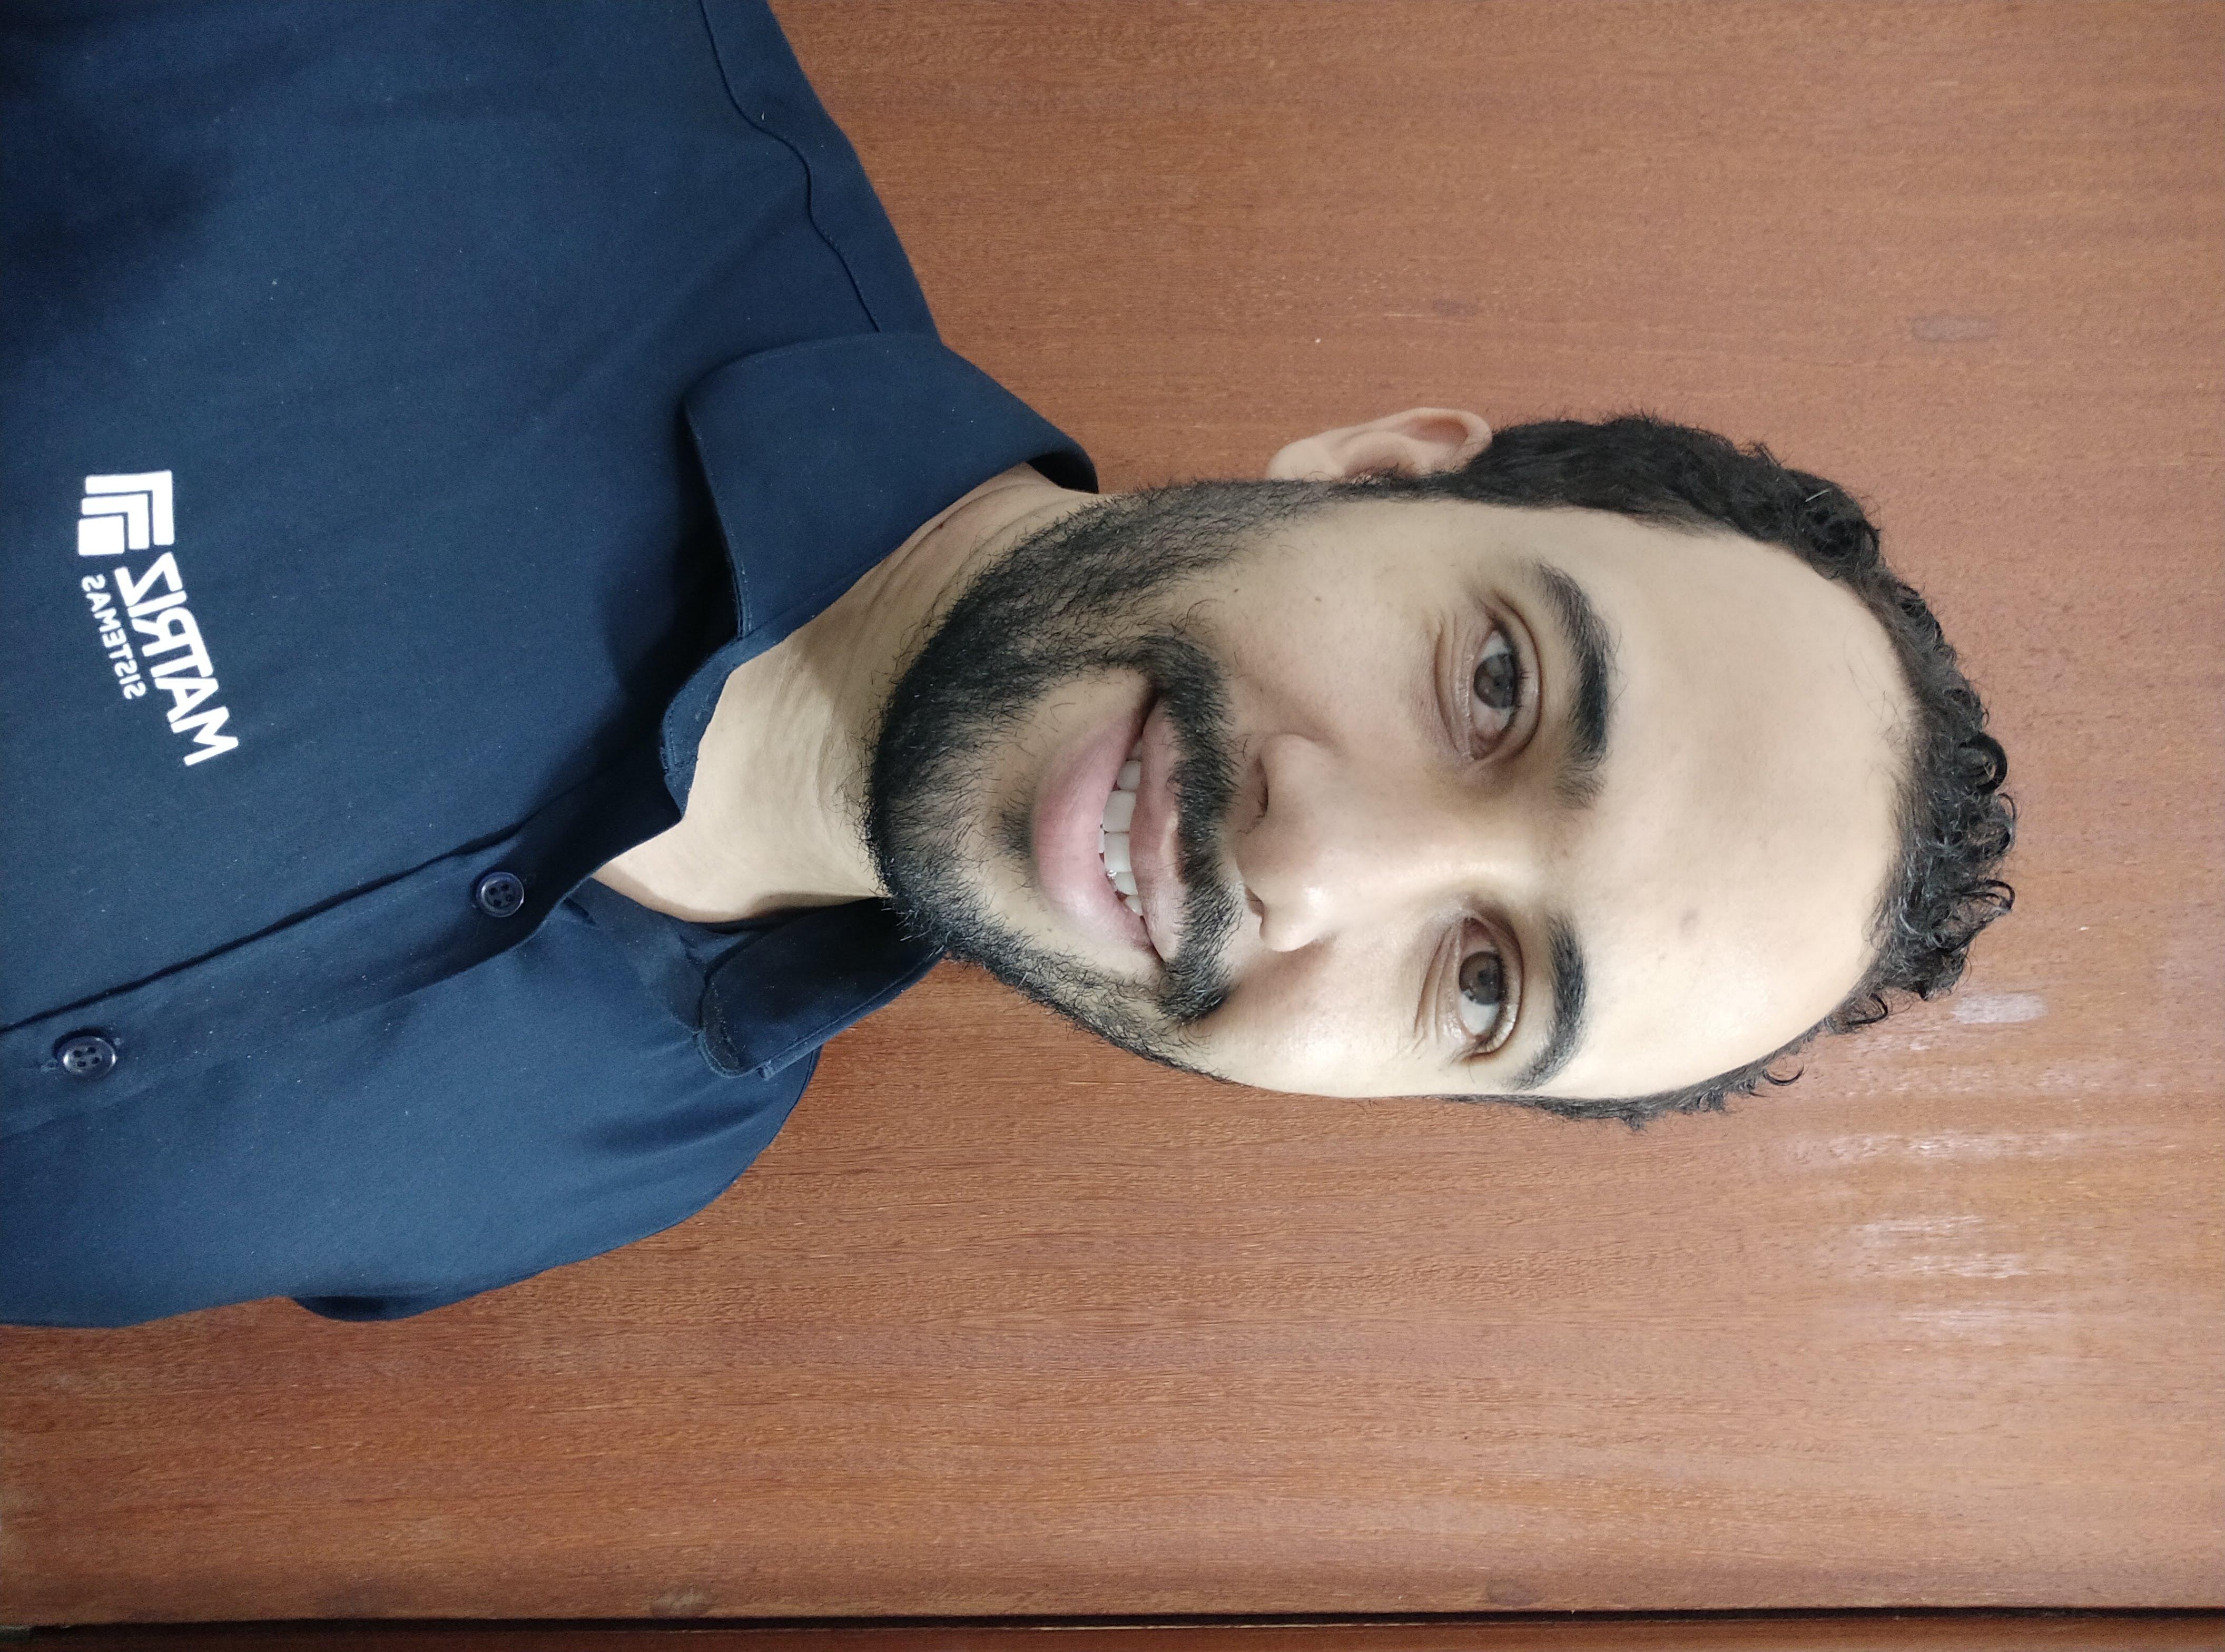 Diego Ernani